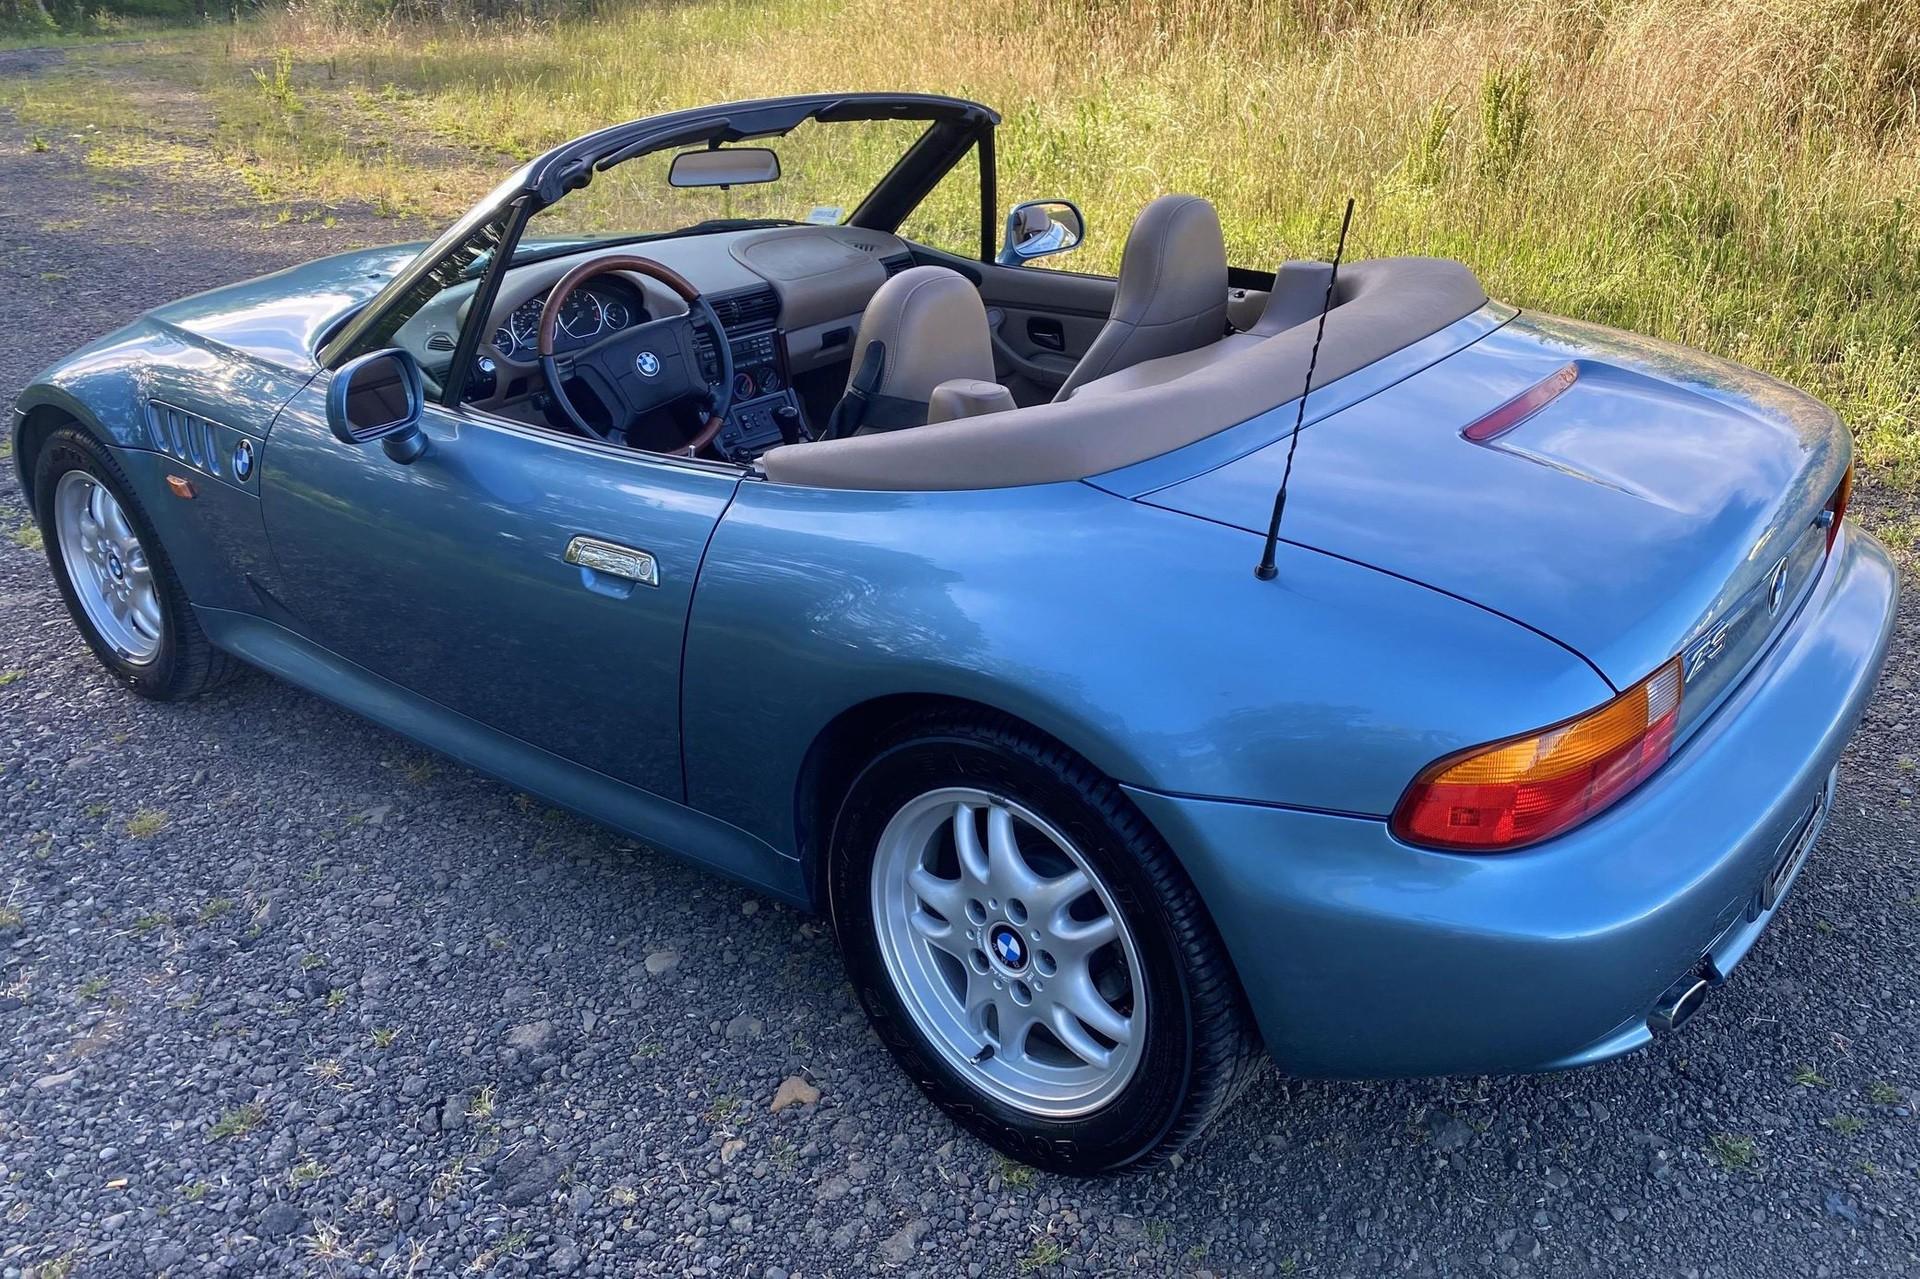 1996_BMW_Z3_James_Bond_Edition_sale-0001